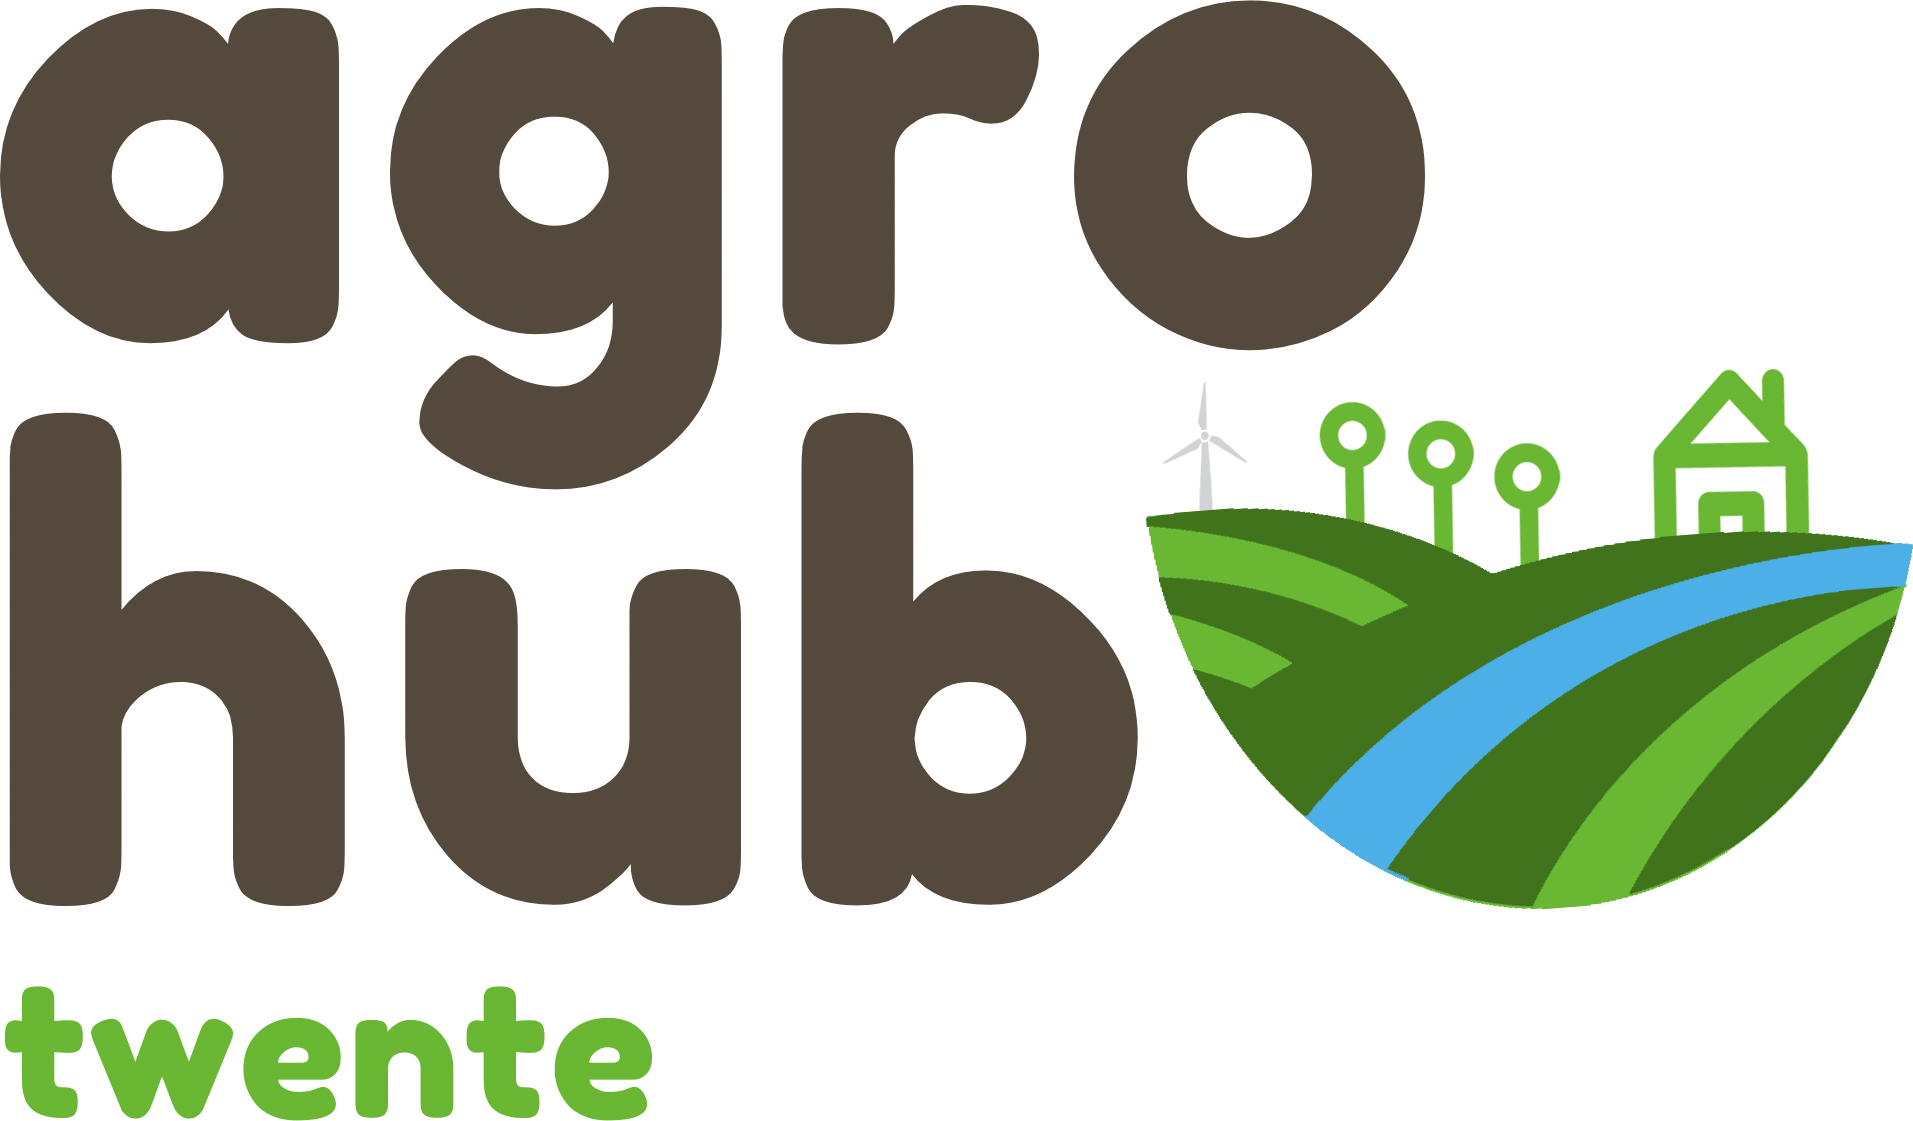 AgroHUB Twente